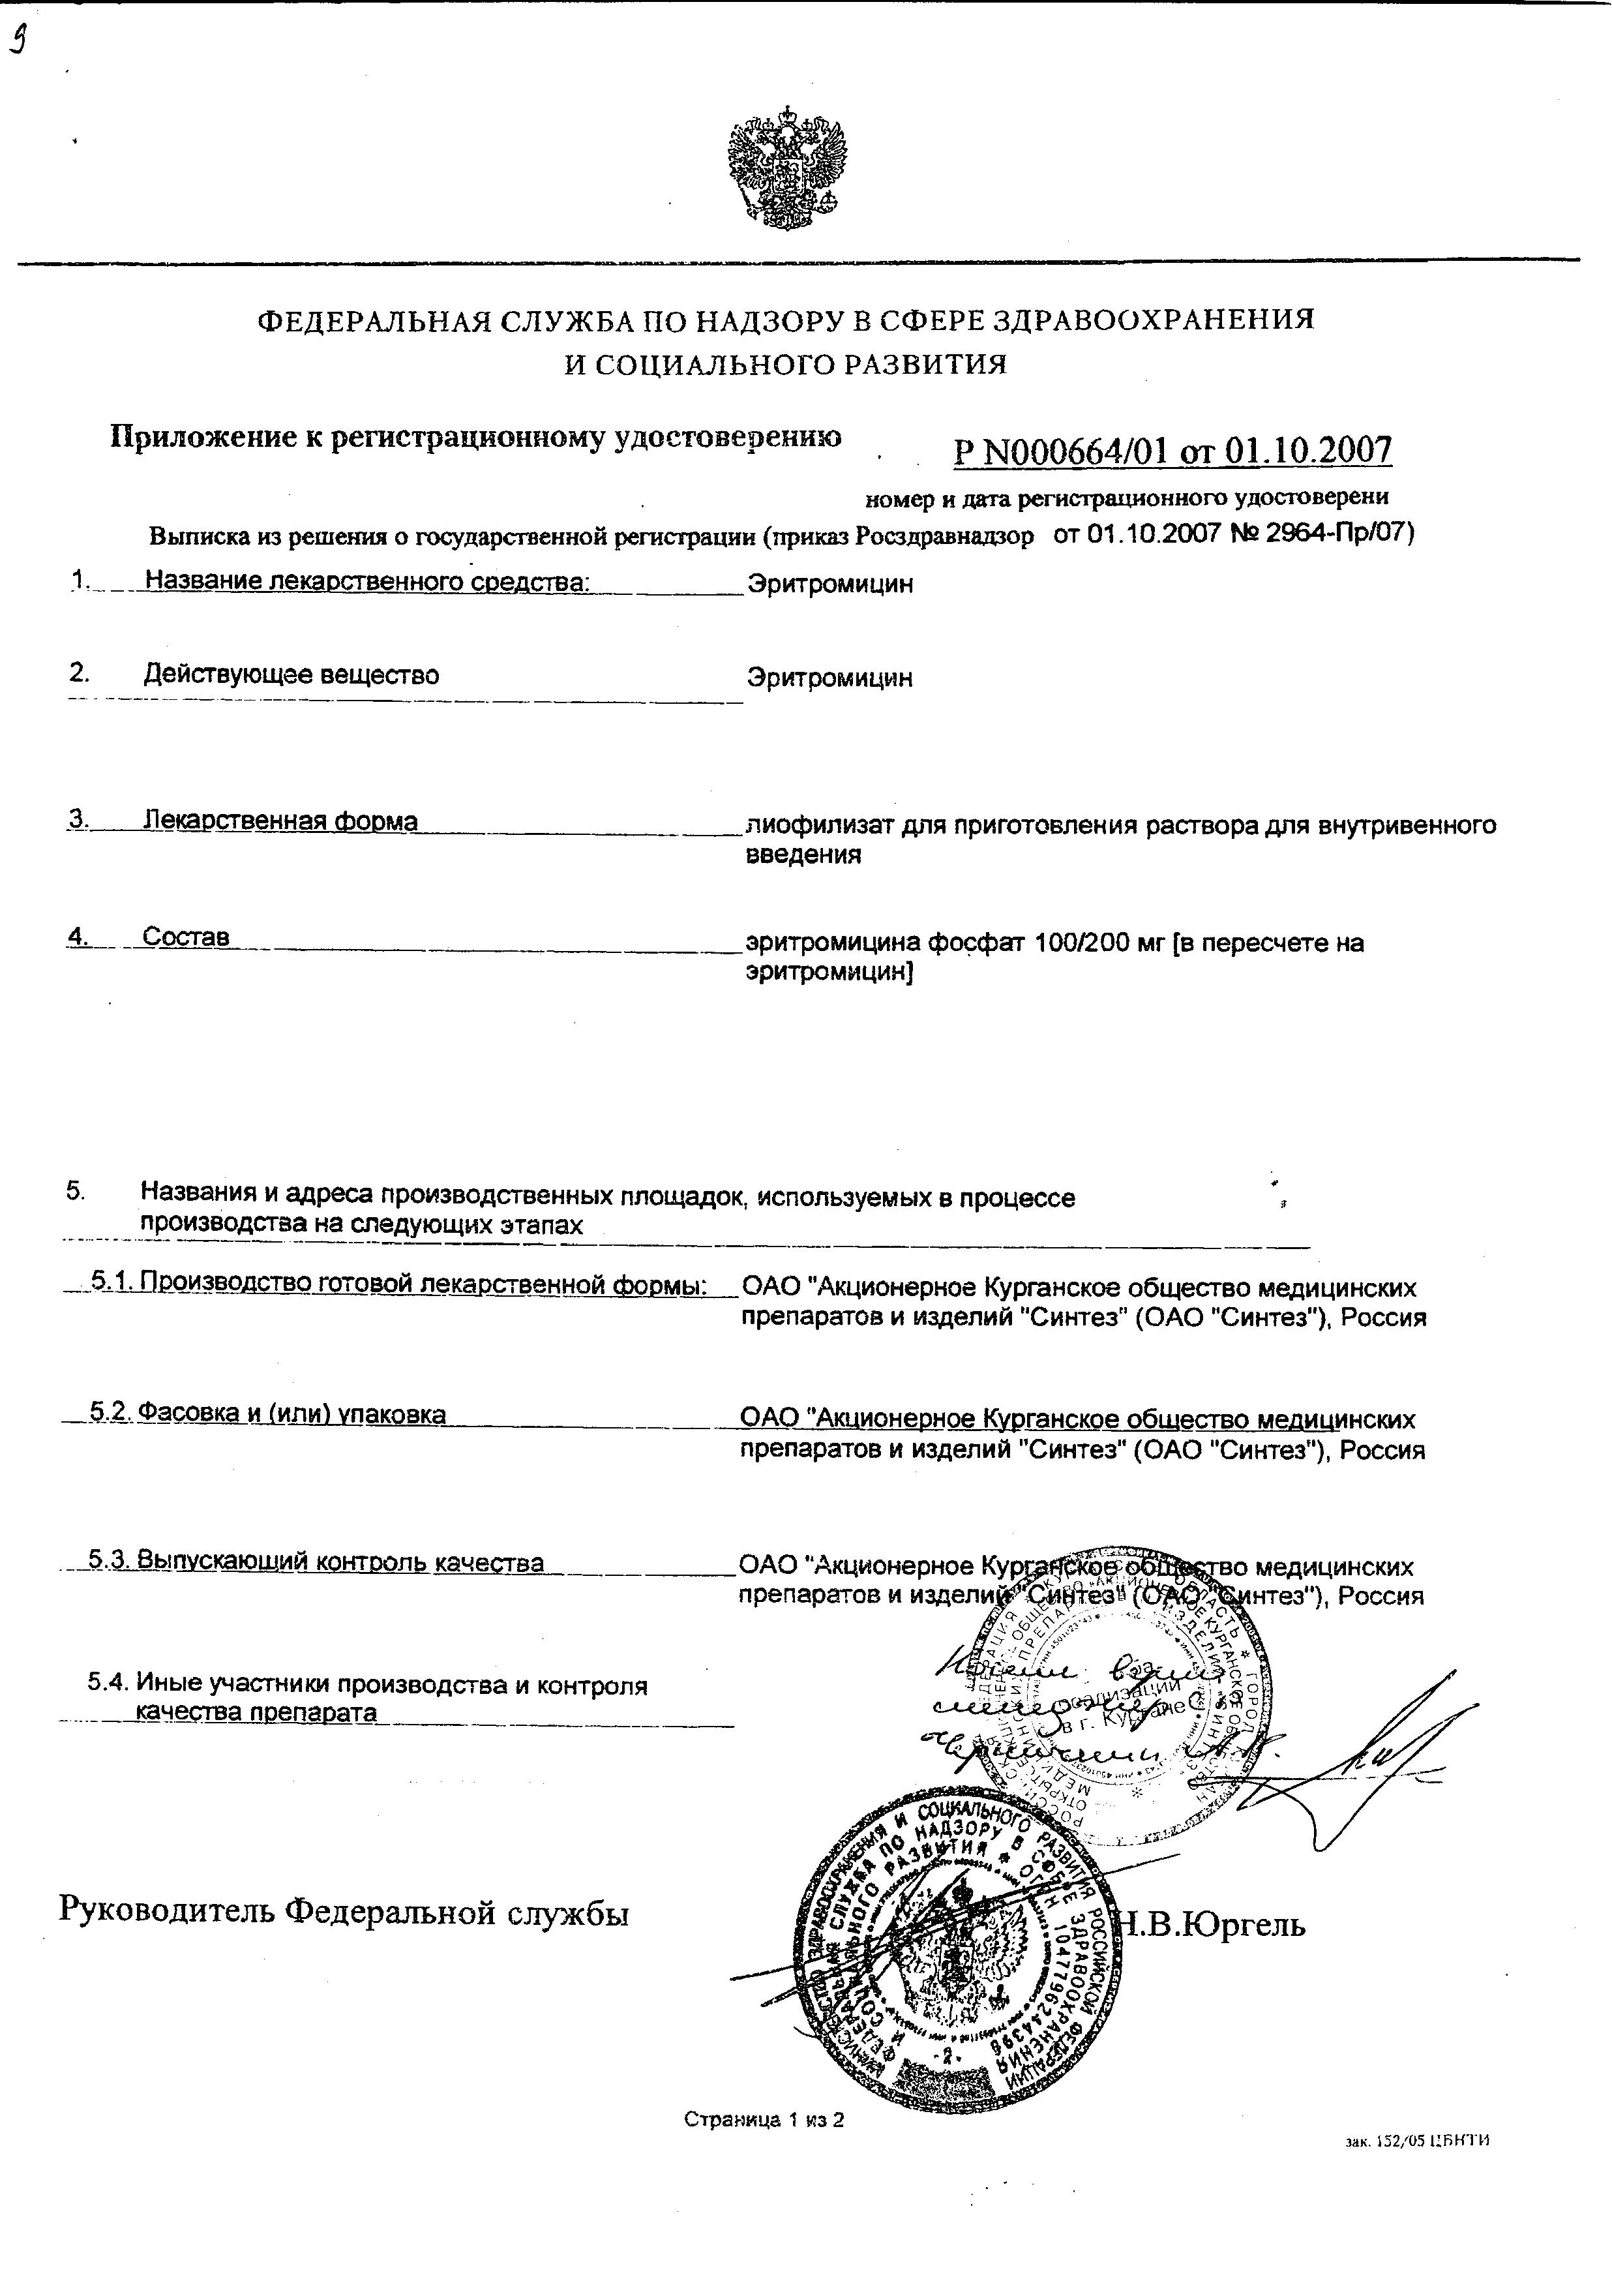 Эритромицин (лиофилизат) сертификат